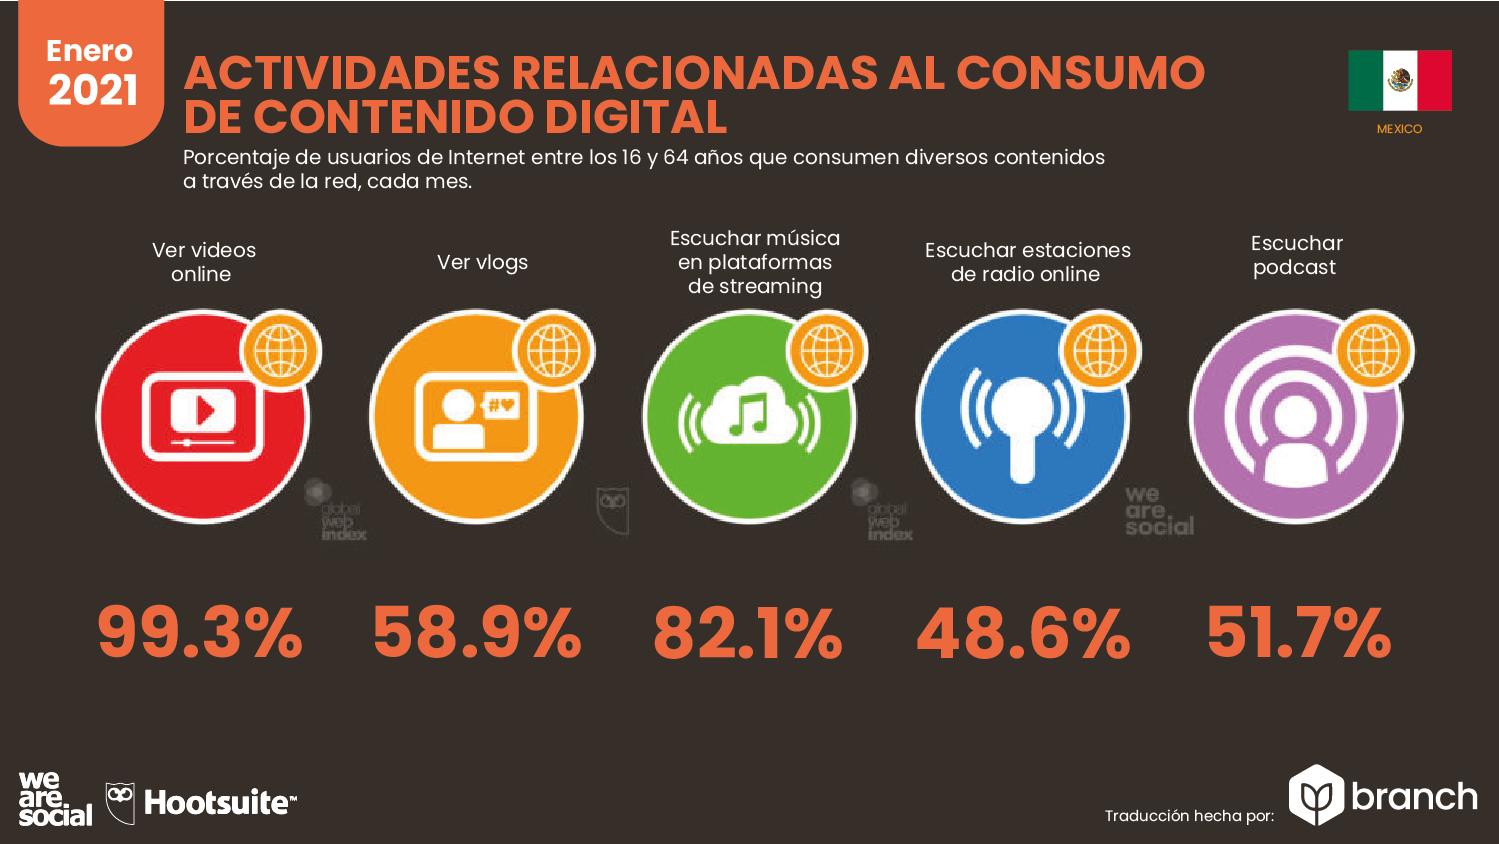 actividades-relacionadas-al-consumo-de-contenido-digital-mexico-2020-2021